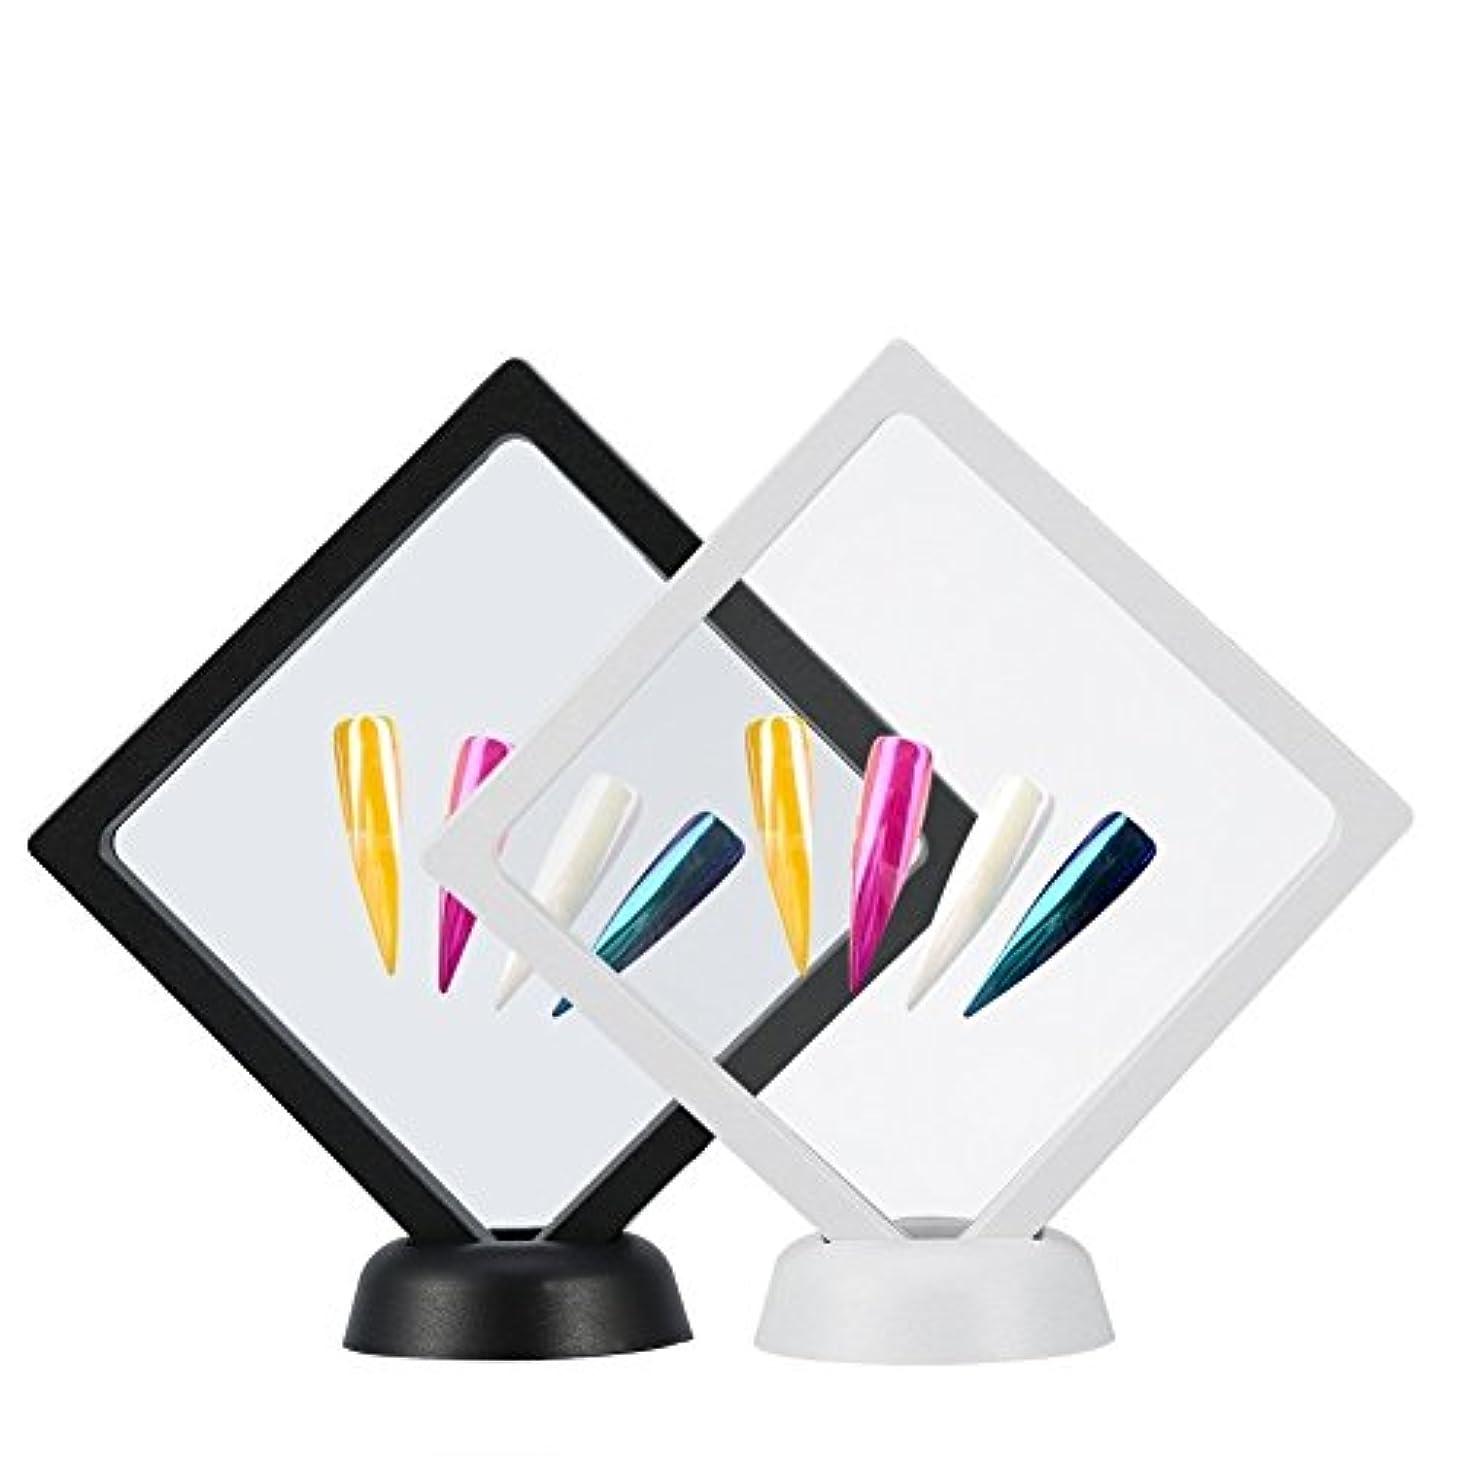 破滅ミンチこしょうYosoo 2個入り ネイルチップ ディスプレイ スタンド マニキュア ネイルサンプル ホルダー ネイルカラーチャート ネイルテンプレート ネイルケア ネイルアートツール 組立て式 白+黒 展示用 自宅 サロン